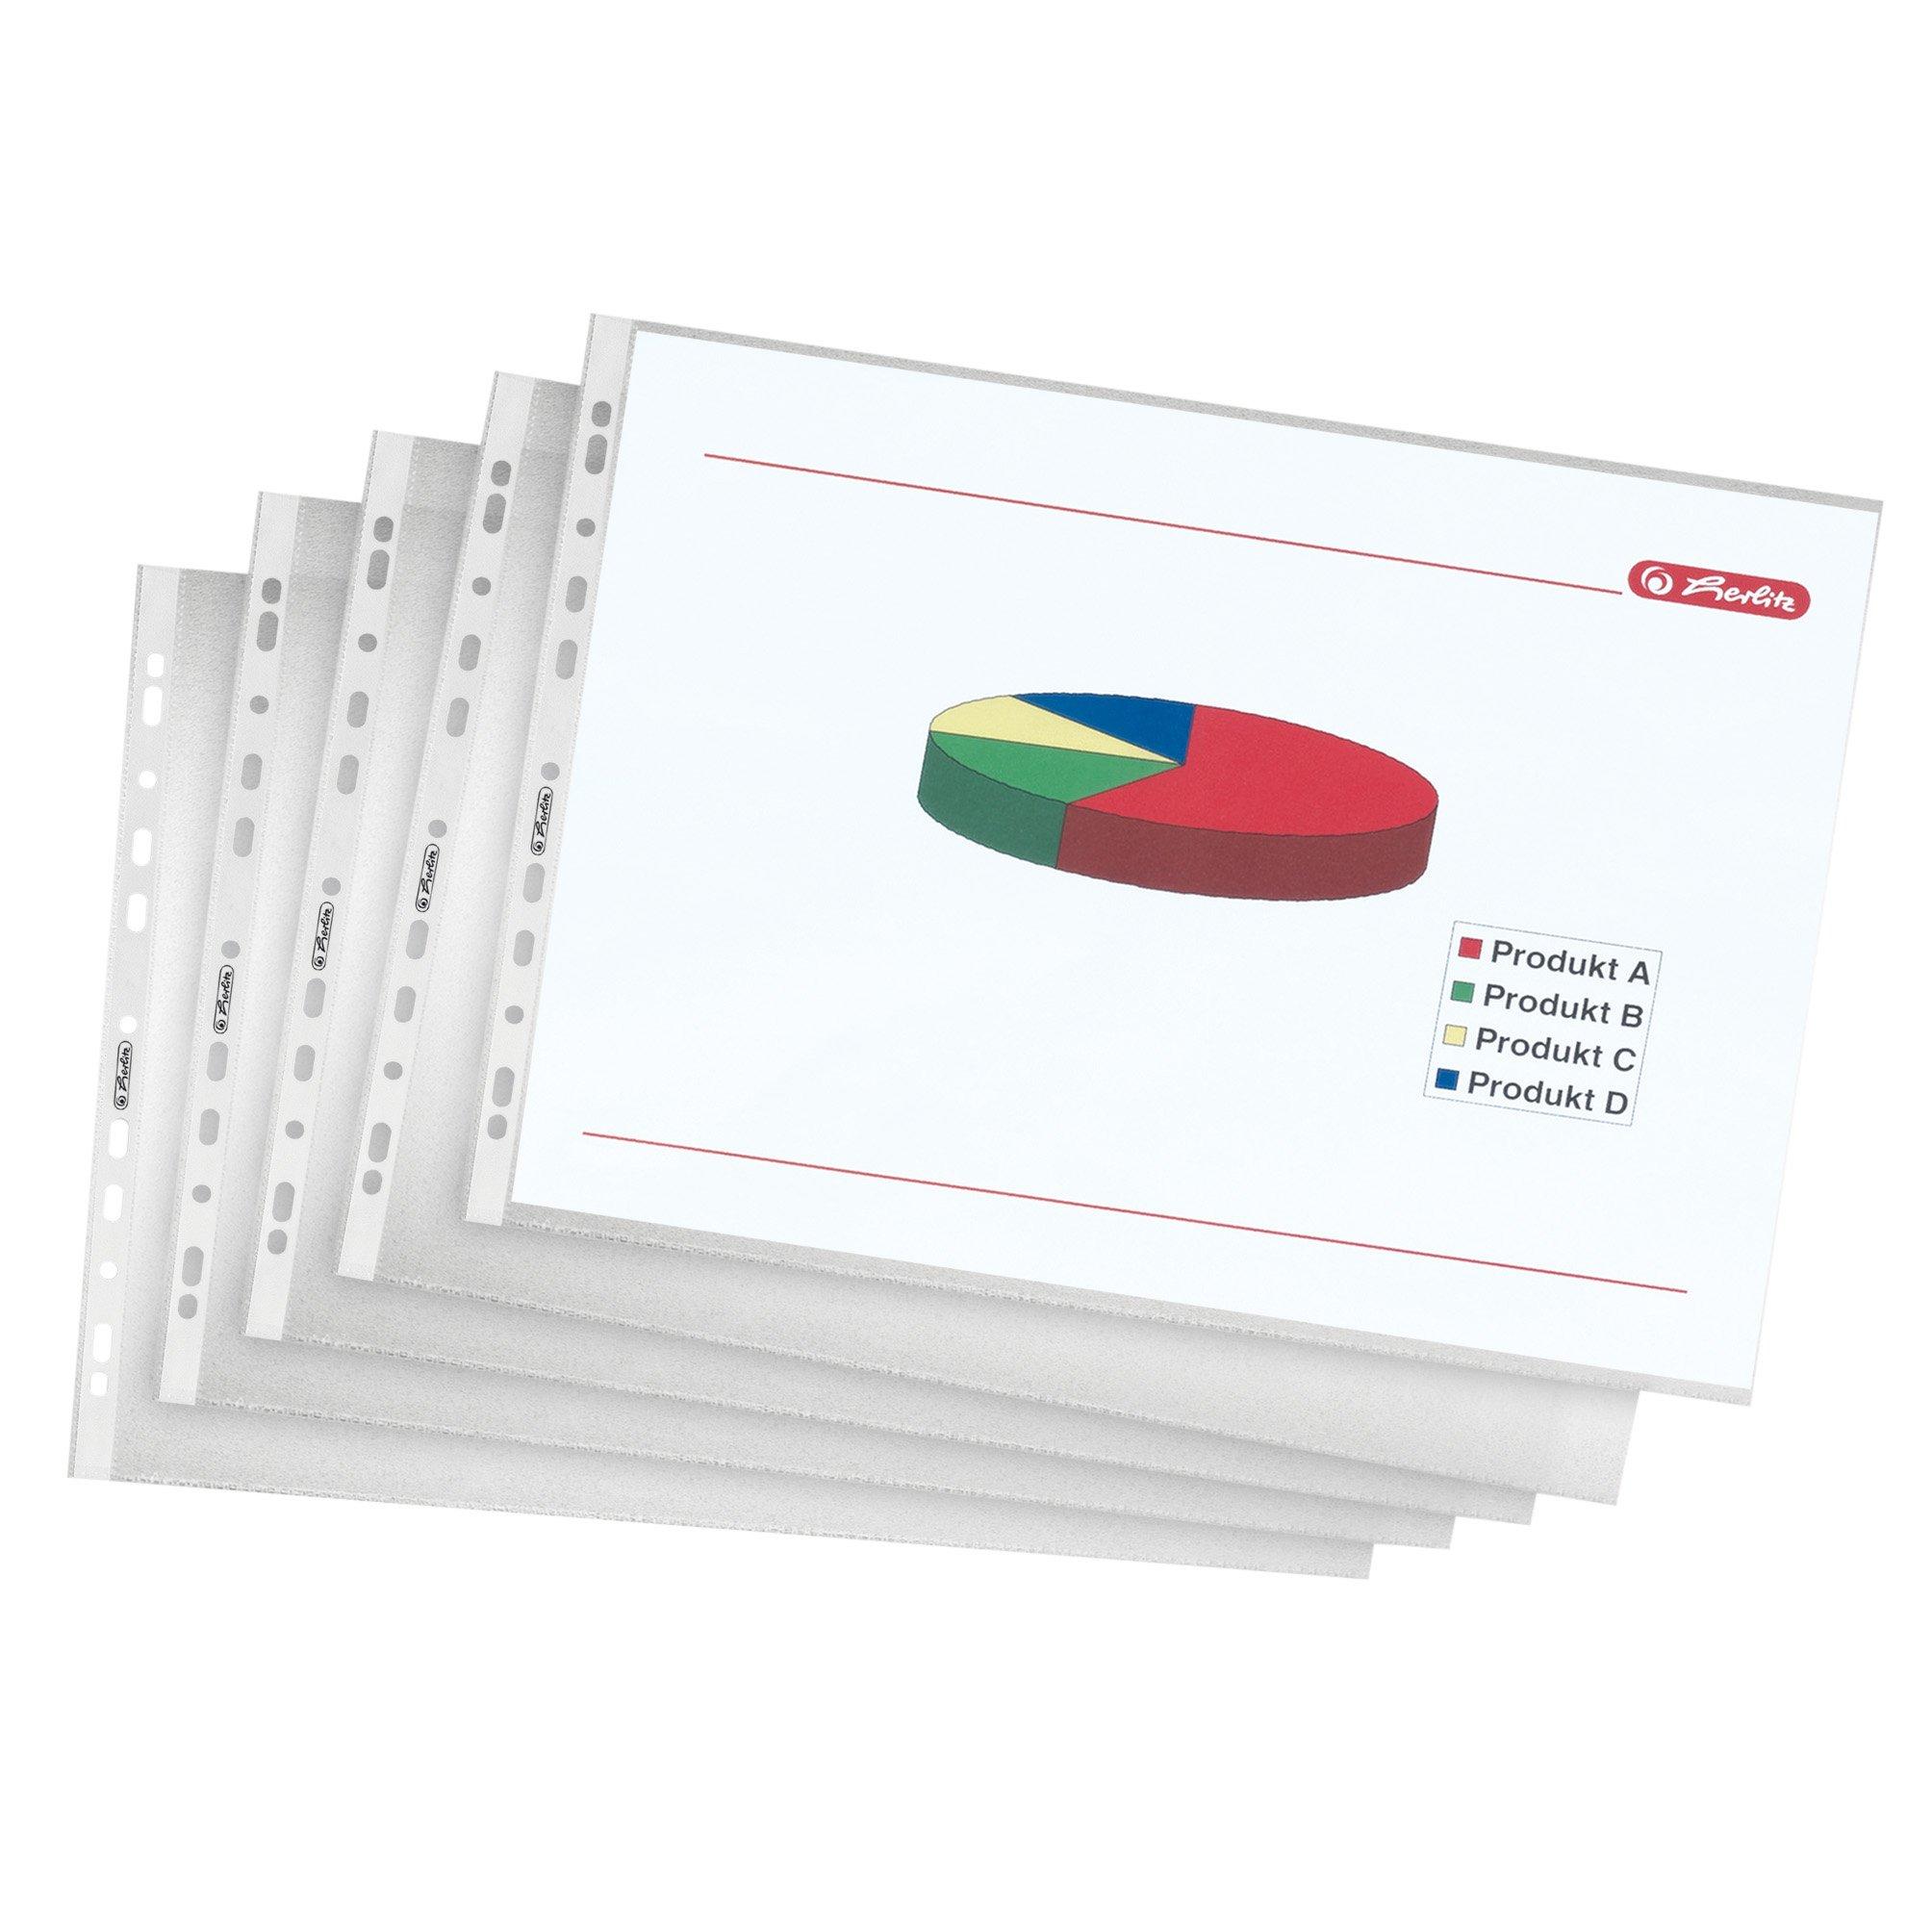 Herlitz Pack - Paquete de 10 portafolios de plástico A3, transparente: Amazon.es: Oficina y papelería